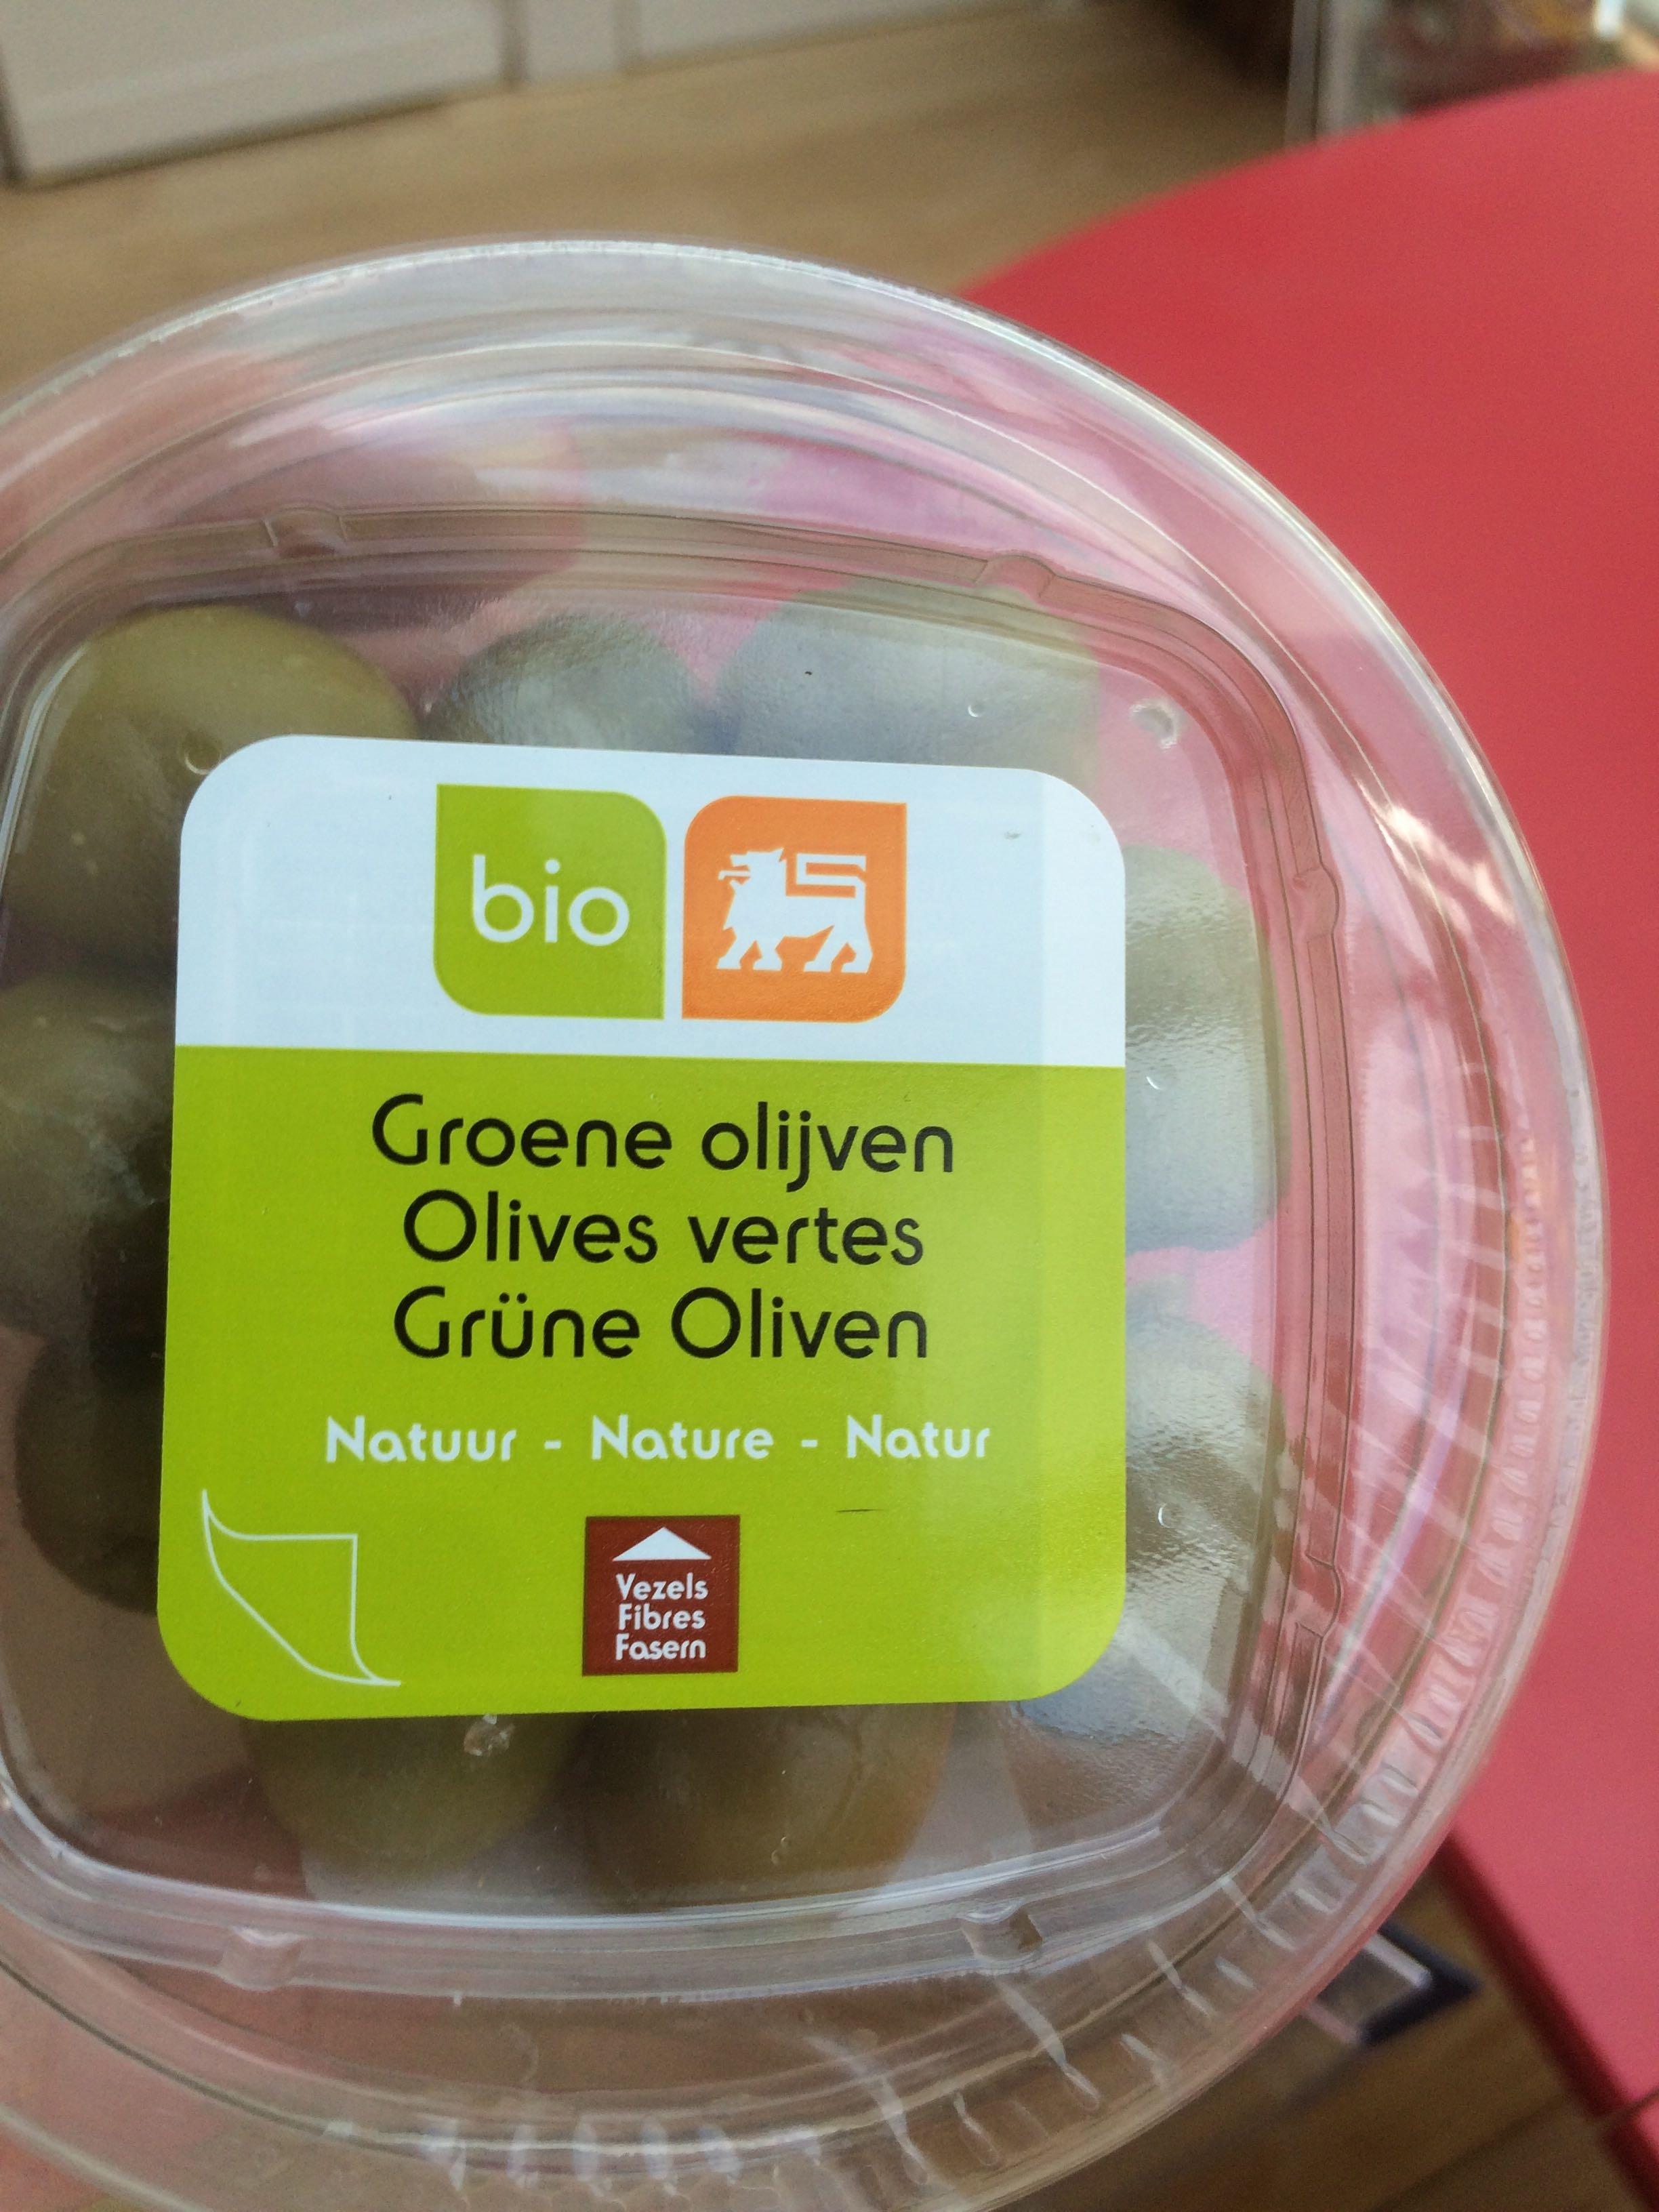 Olives vertes - Product